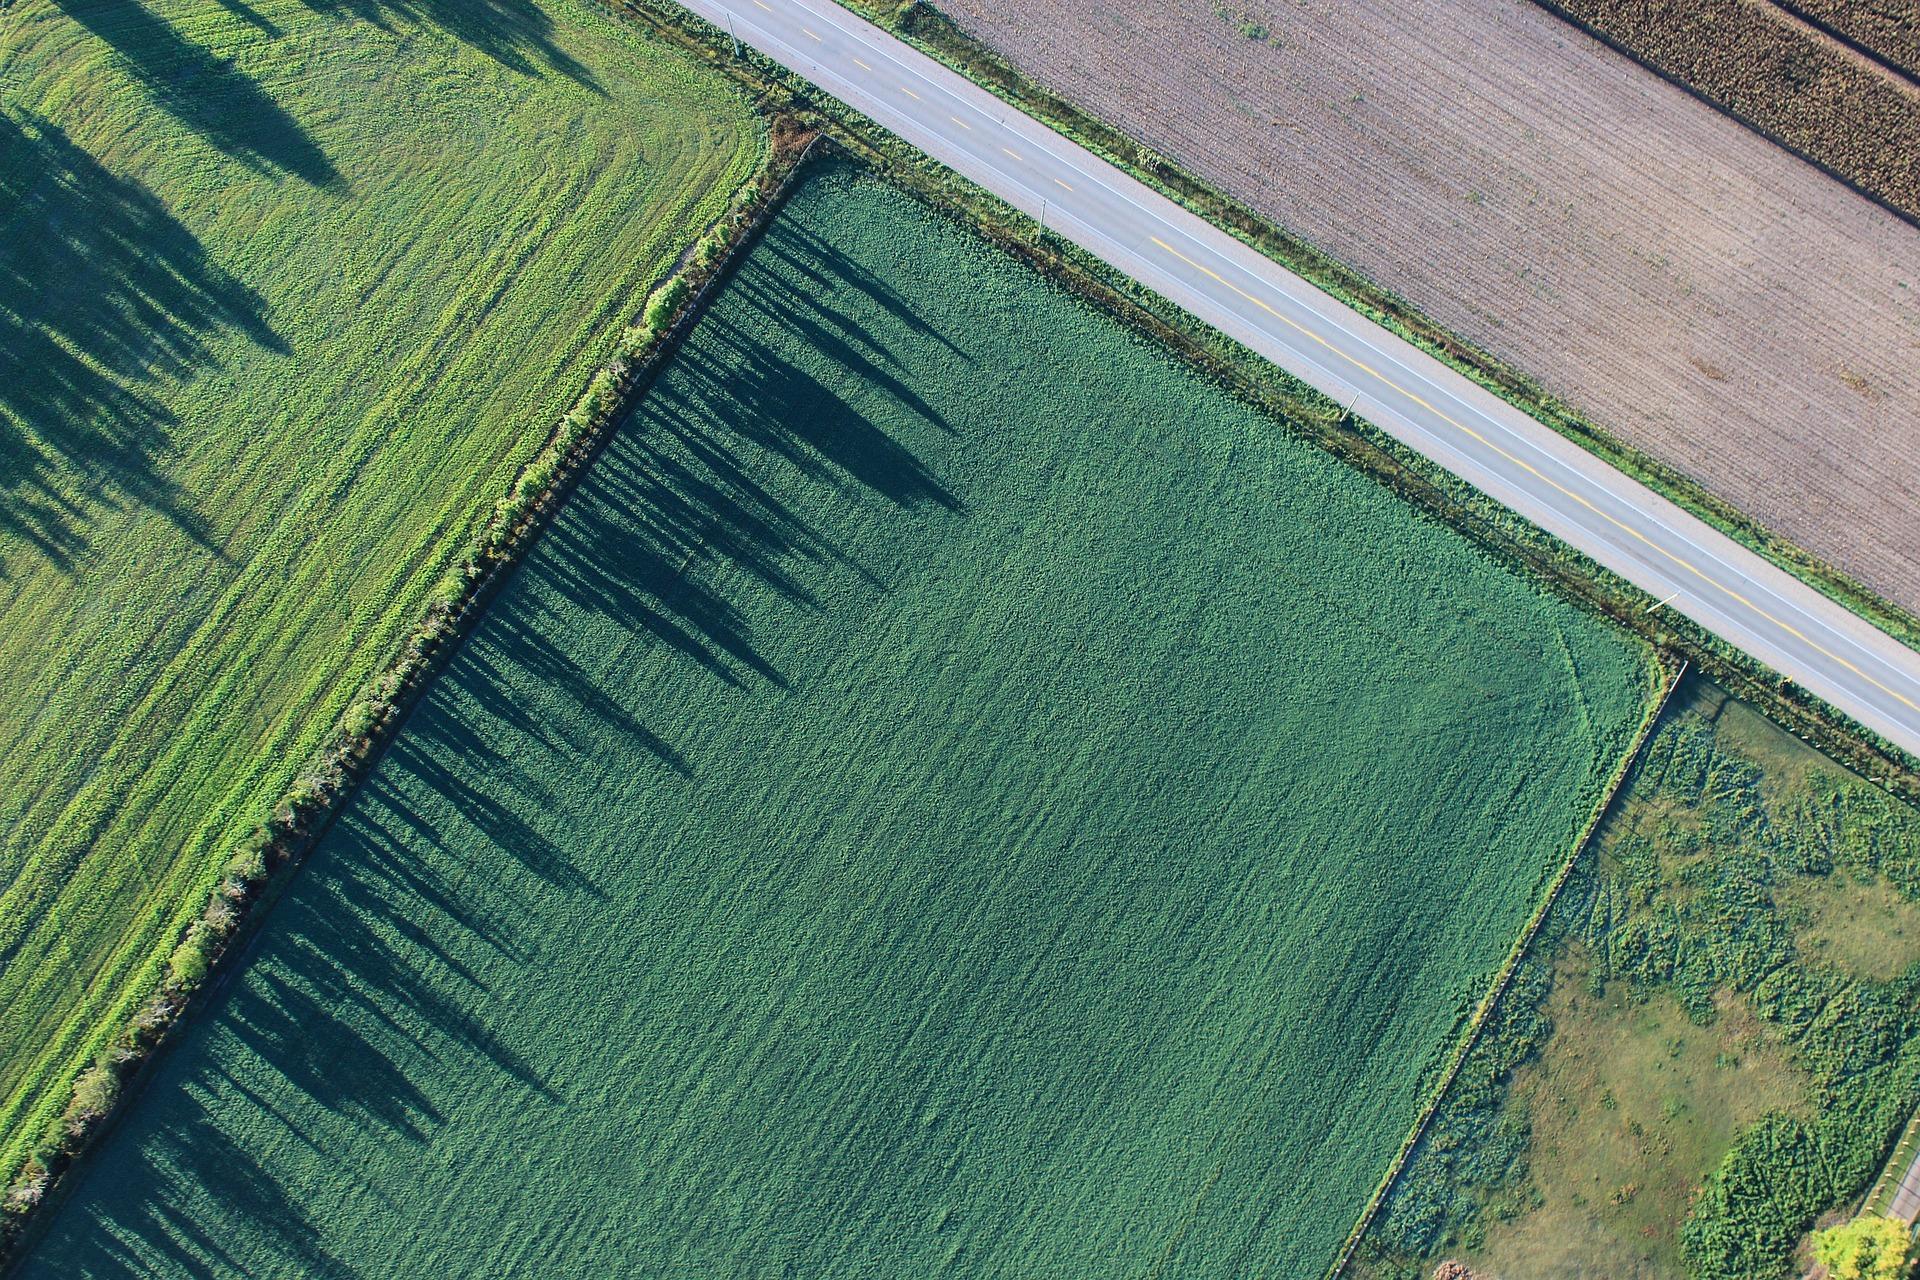 imagen de Paisaje agrícola.